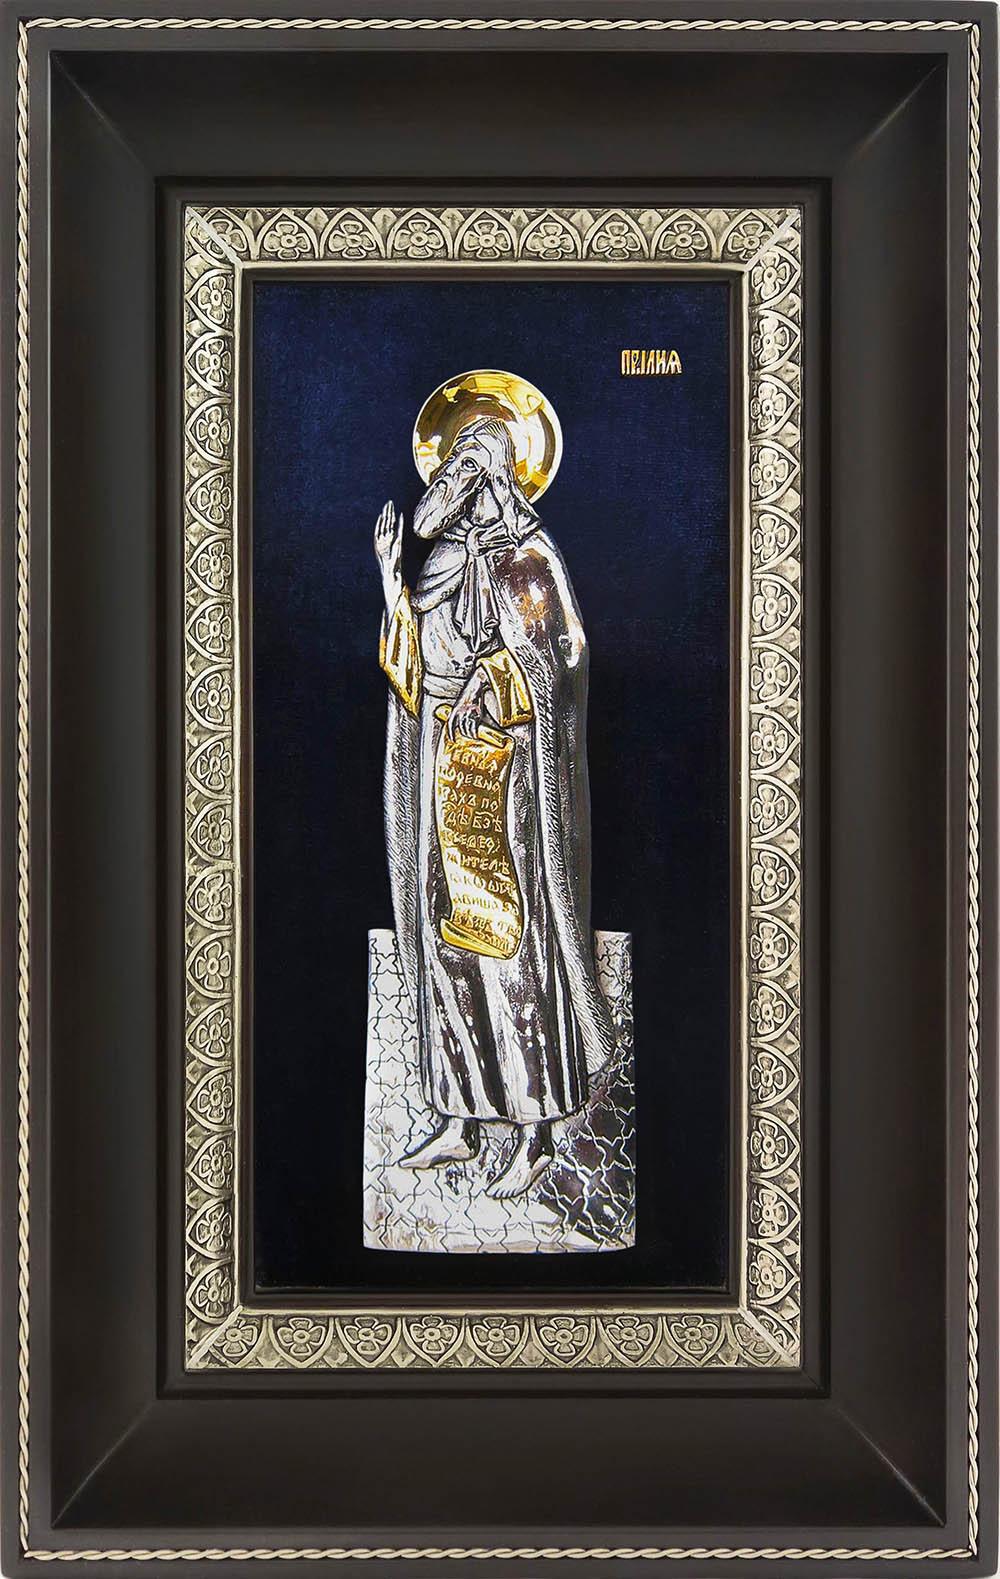 фото икона святого Илии пророка гальванопластика золото серебро деревянная рамка